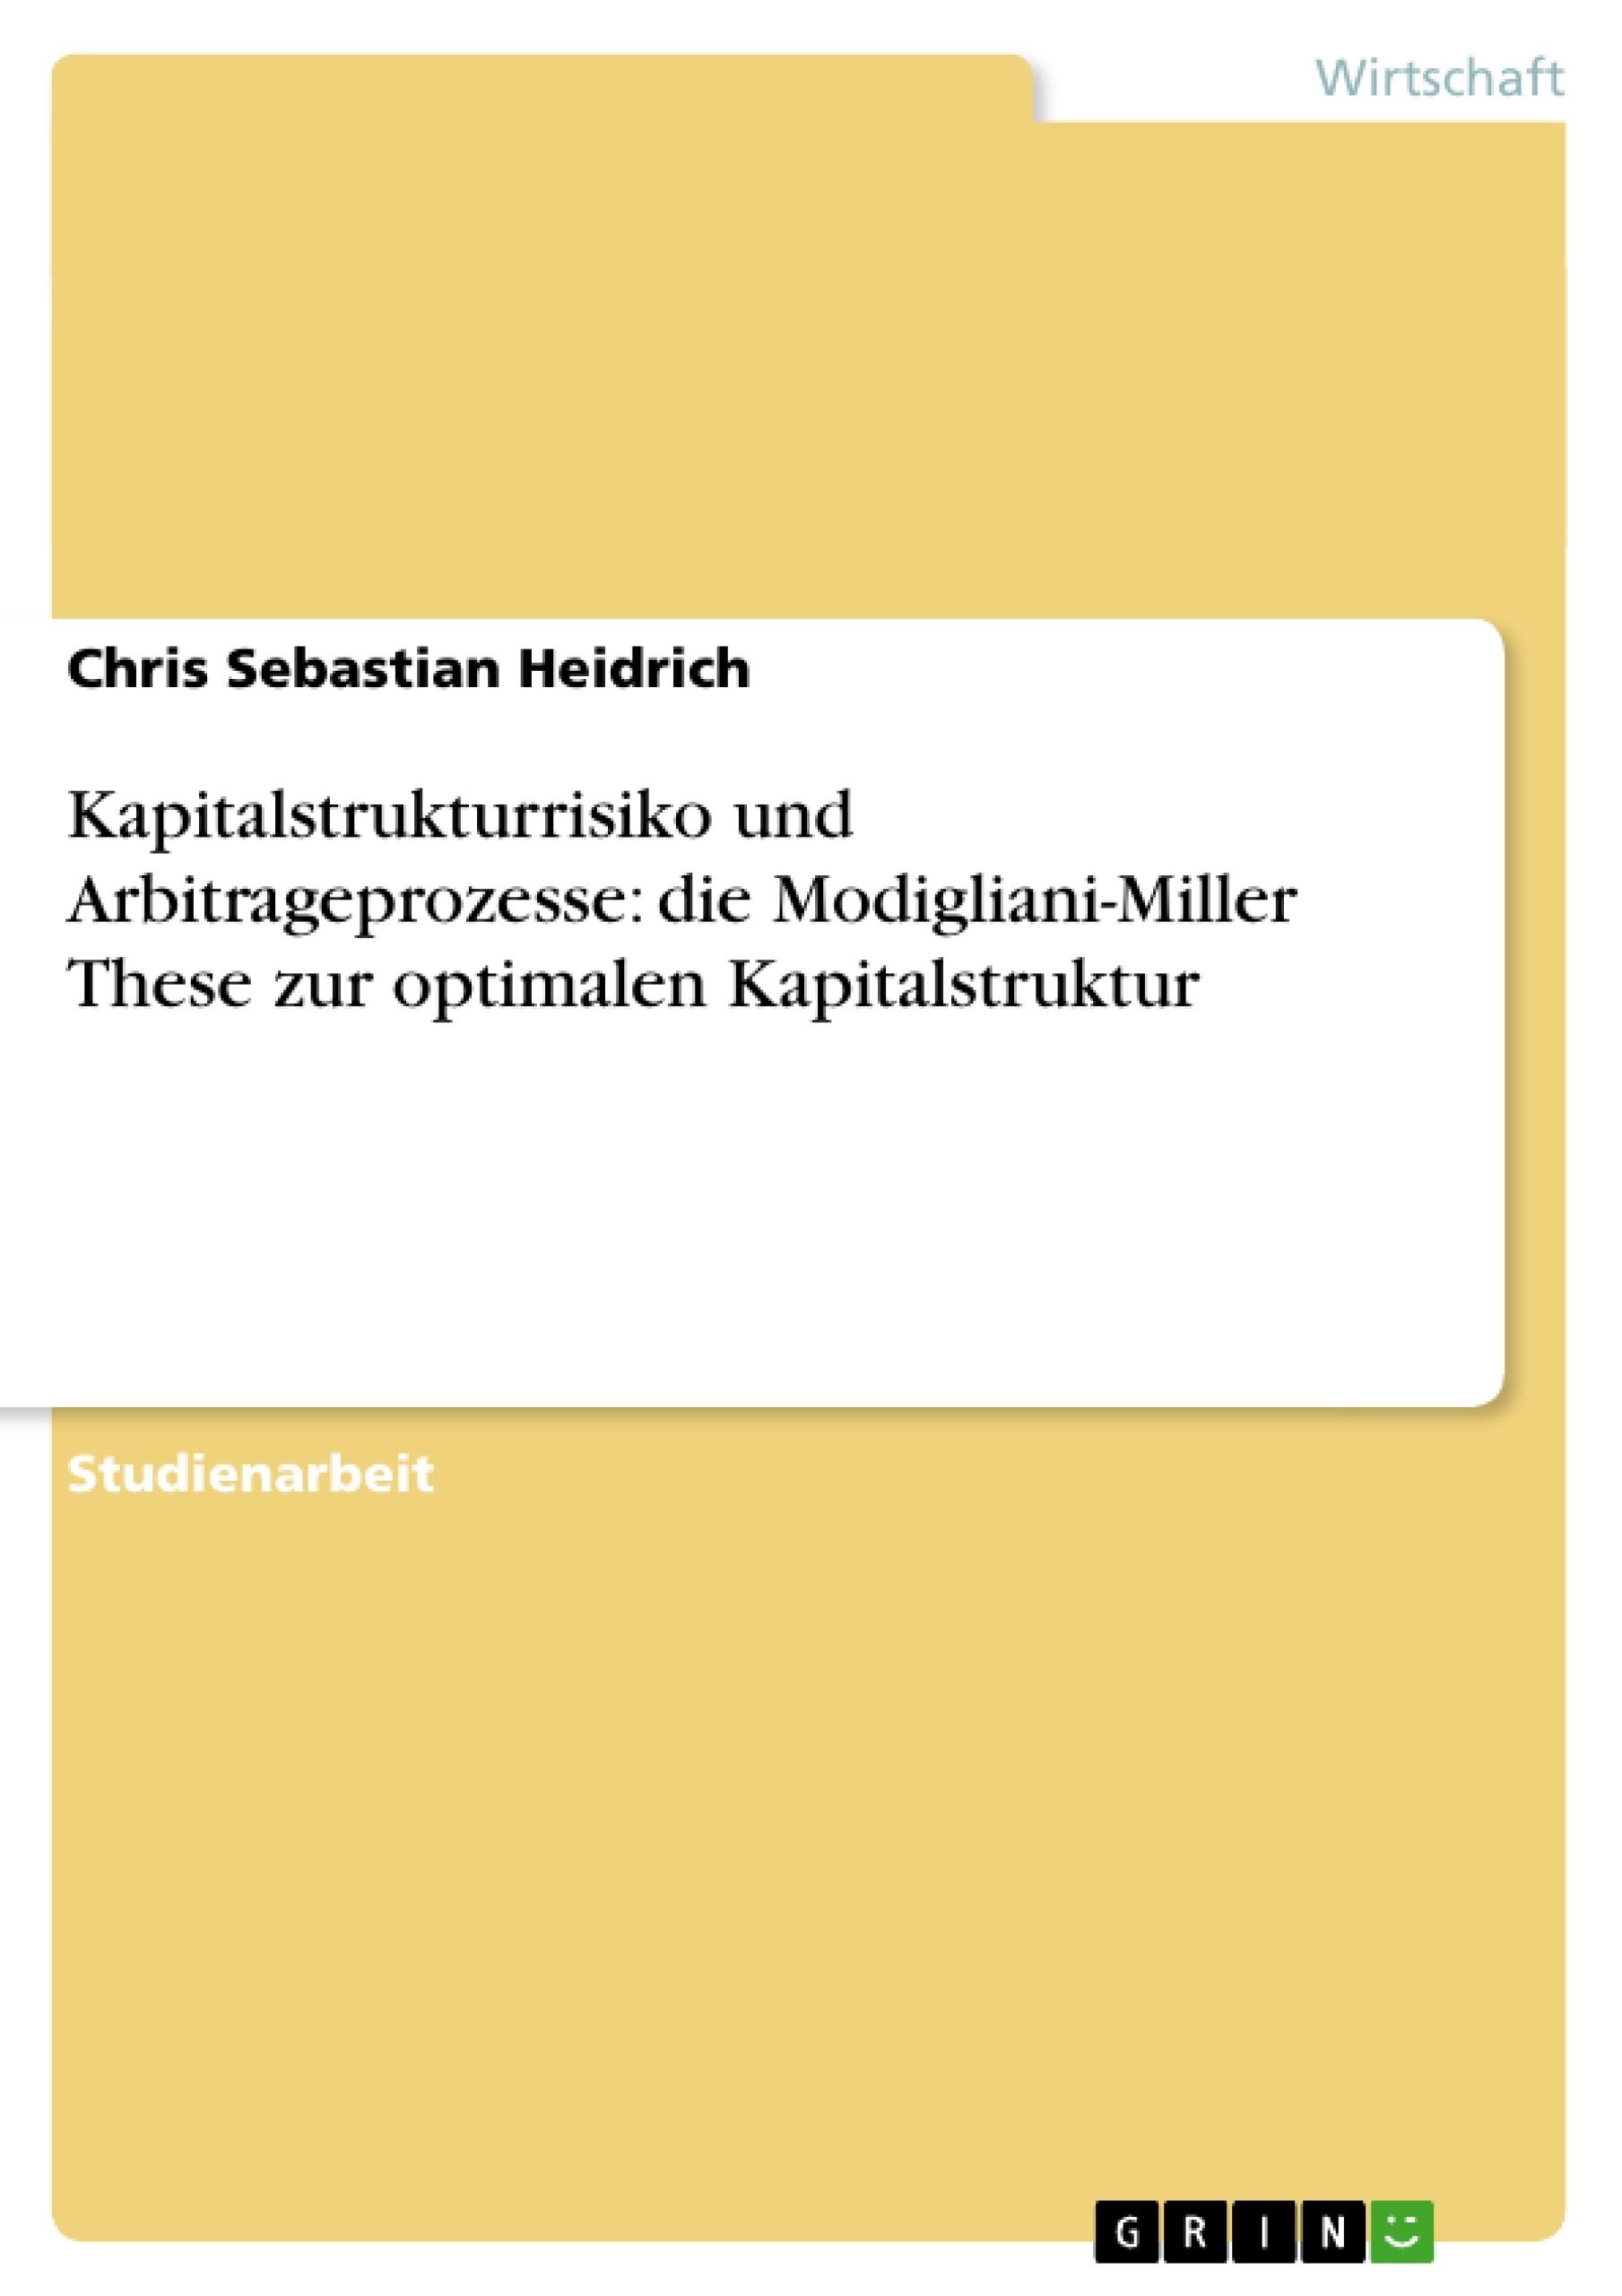 Titel: Kapitalstrukturrisiko und Arbitrageprozesse: die Modigliani-Miller These zur optimalen Kapitalstruktur